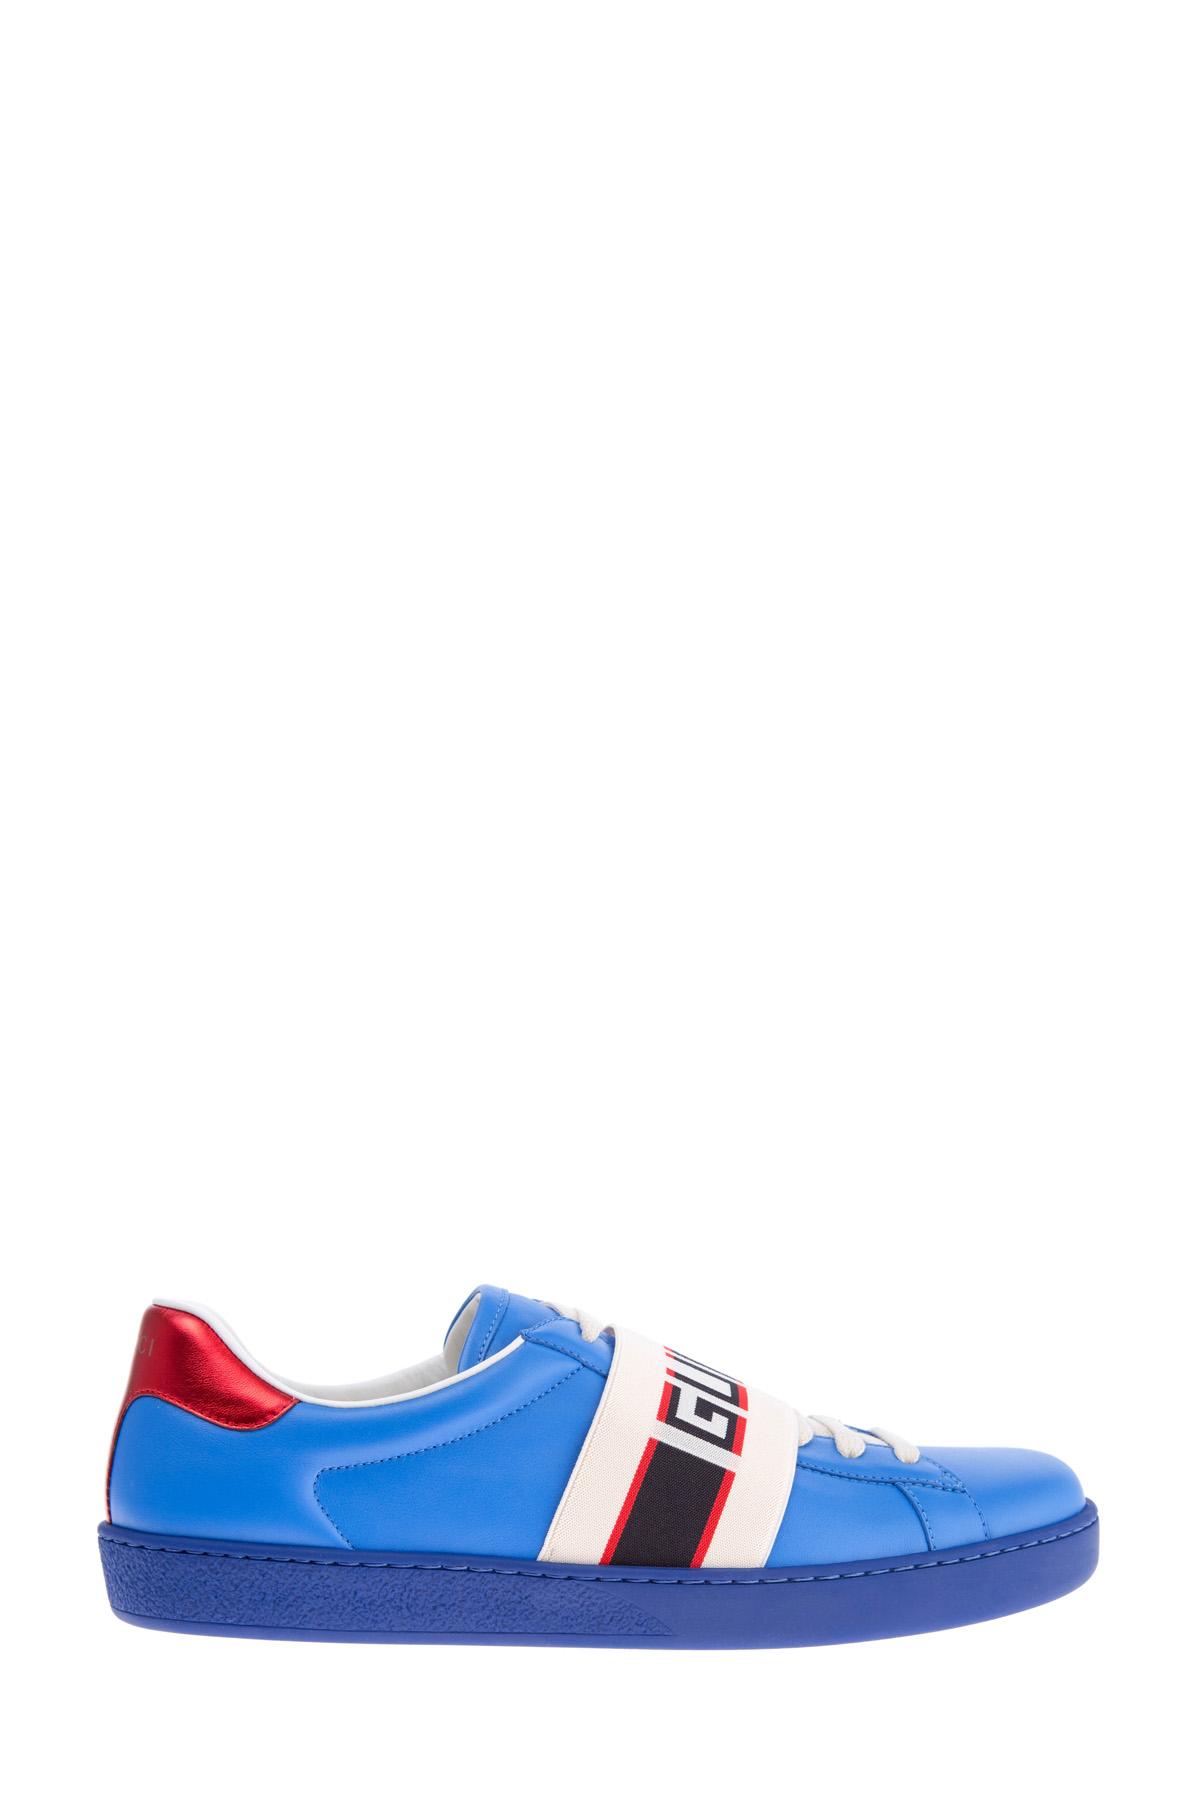 Купить Кеды синего цвета с широкой эластичной лентой с символикой бренда, GUCCI, Италия, кожа 100%